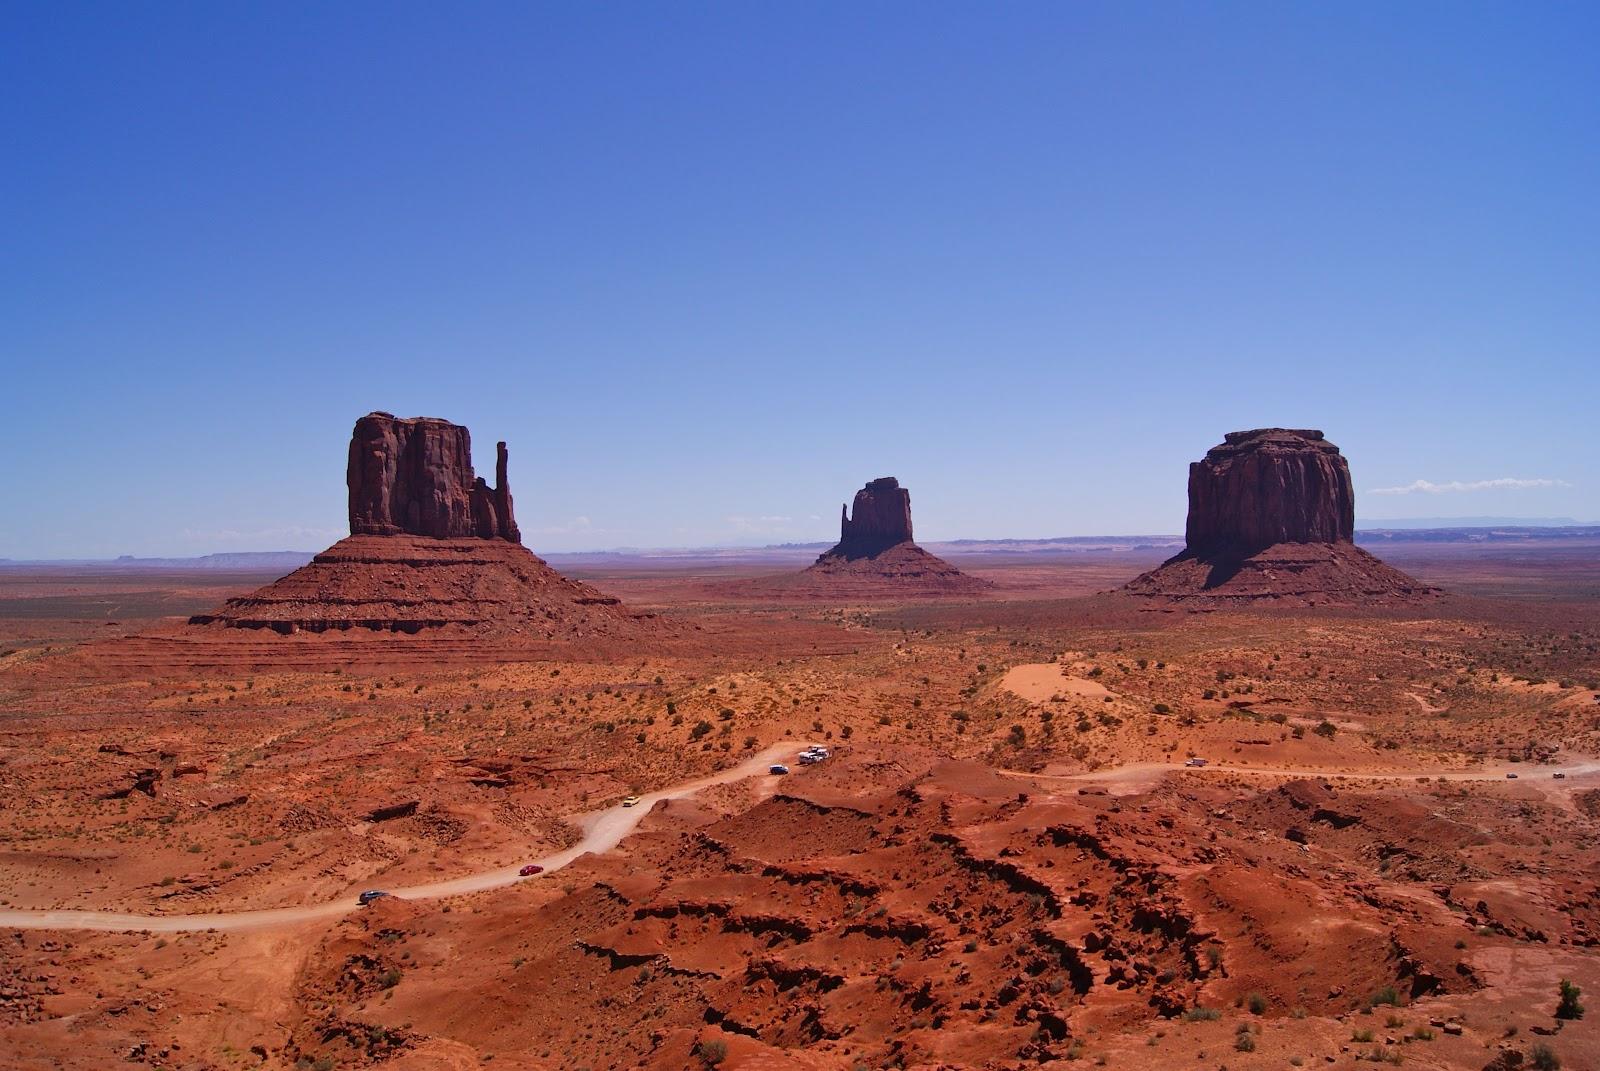 La couleur de la terre road trip dans l 39 ouest am ricain for Agence paysage de l ouest